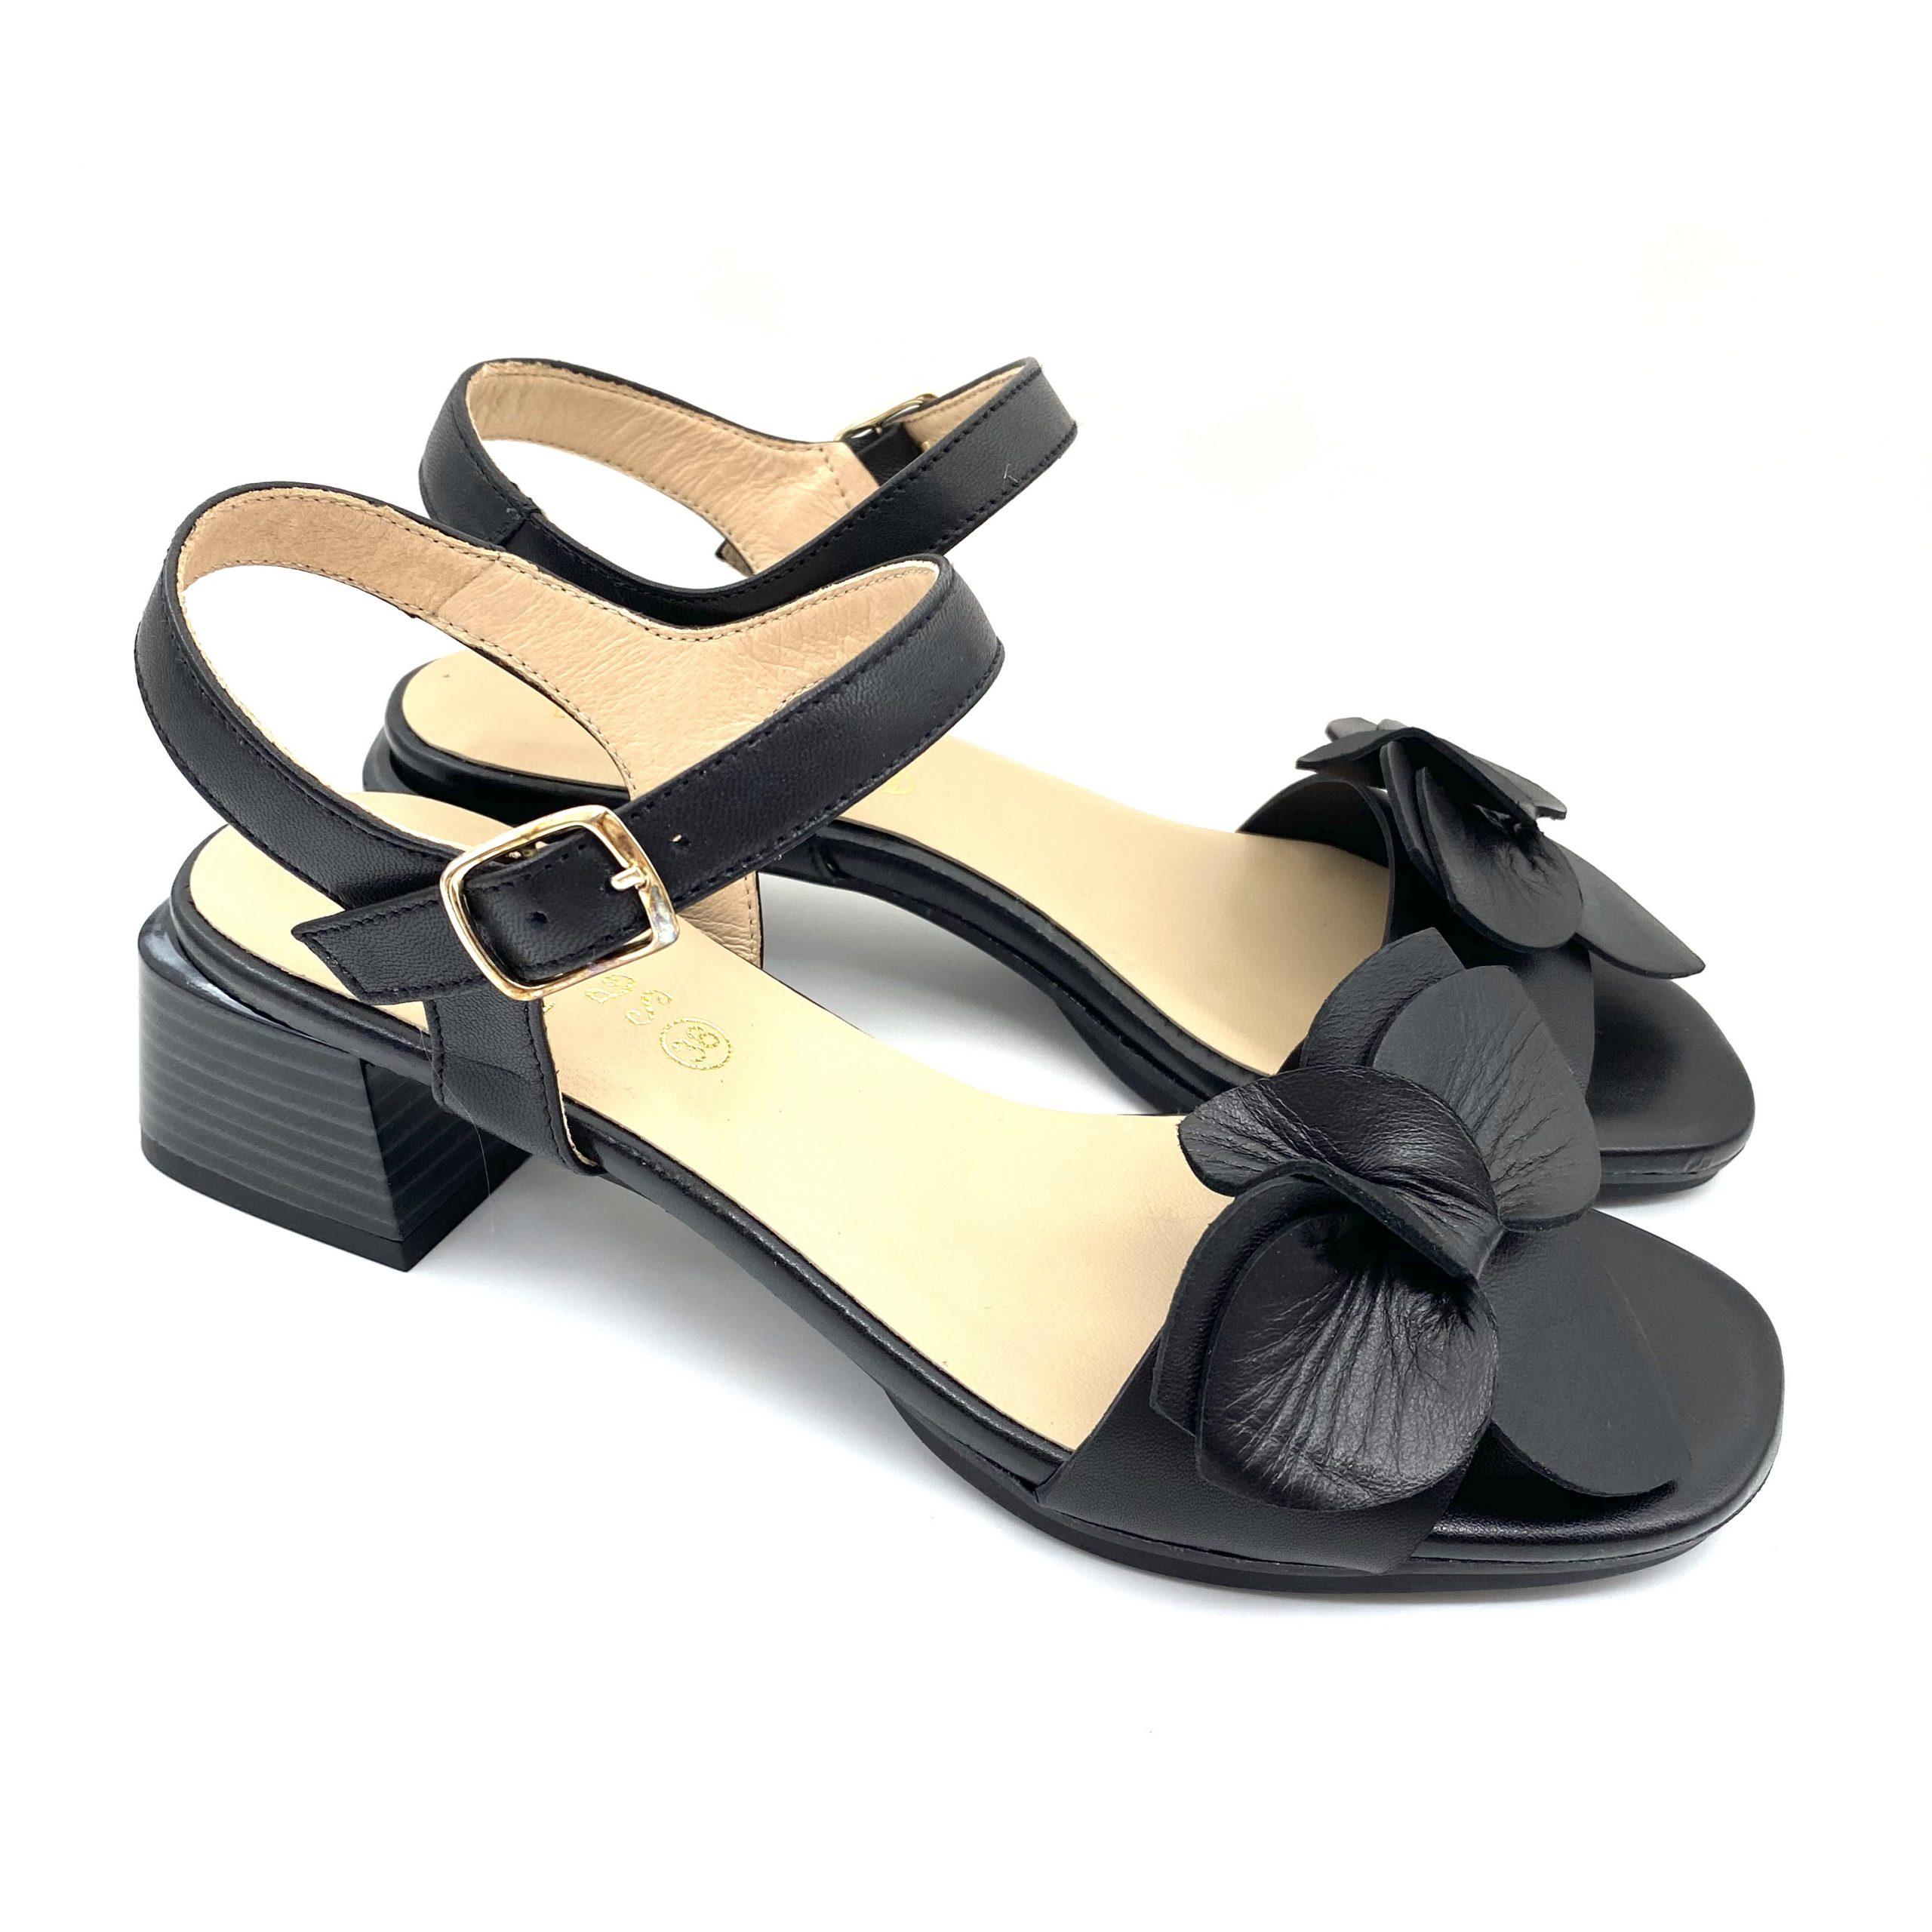 Zapatos Mujer D Chicas Atikka Calzados Zaragoza